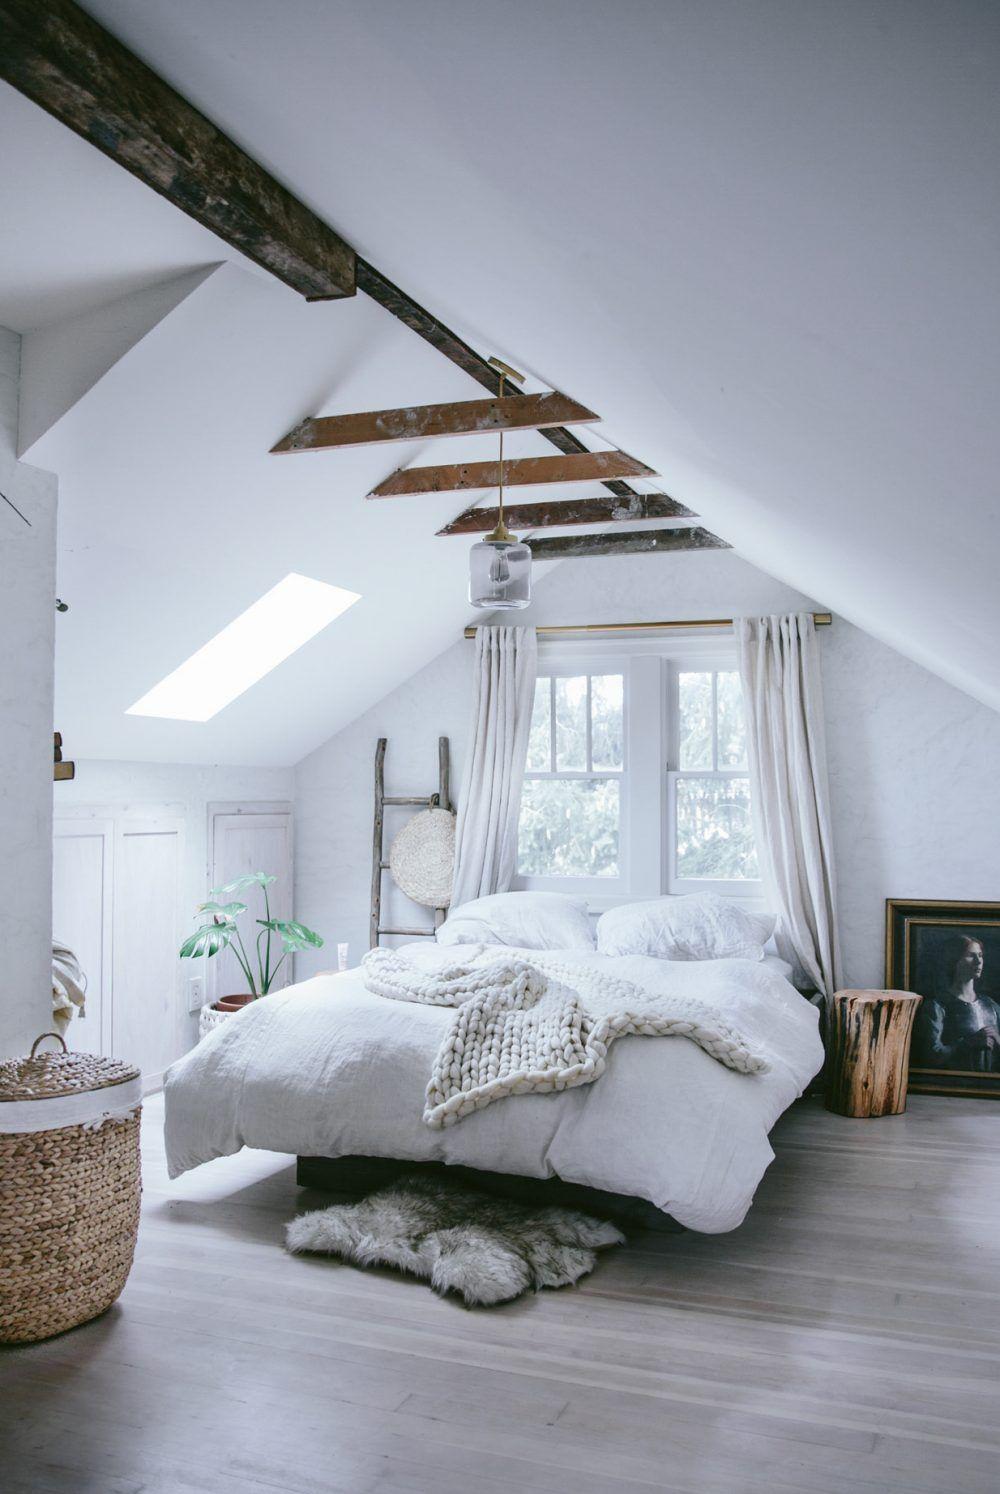 Marvelous Match Made In Heaven: Een Witte Zolderkamer Met Contrasterende Houten Balken.  Bedroom Decorating IdeasBedroom ...